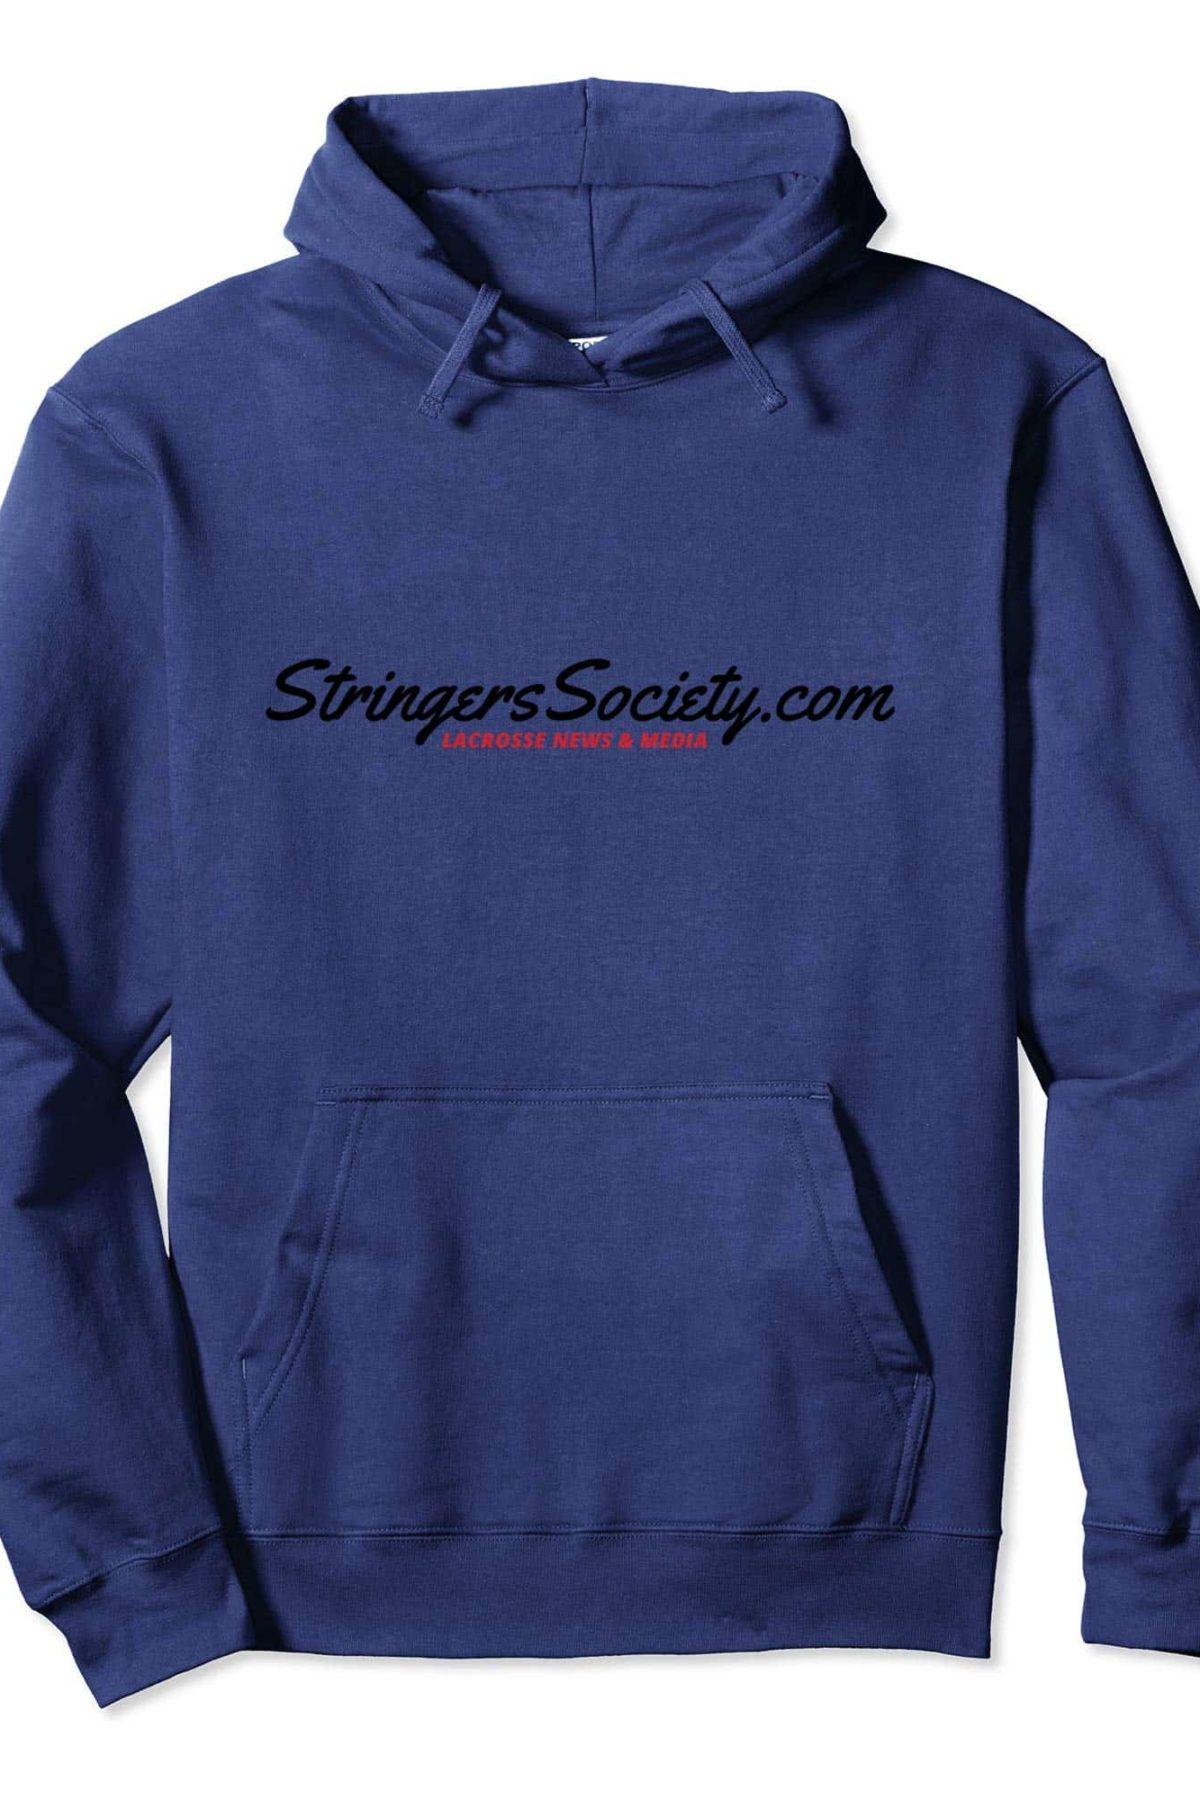 stringers society hoodie | B1paZXqZSQS. CLa7C214020007C6192RKmxCJL.png7C0021402000659.0492.0777.0701.0 1200x1800 cropped